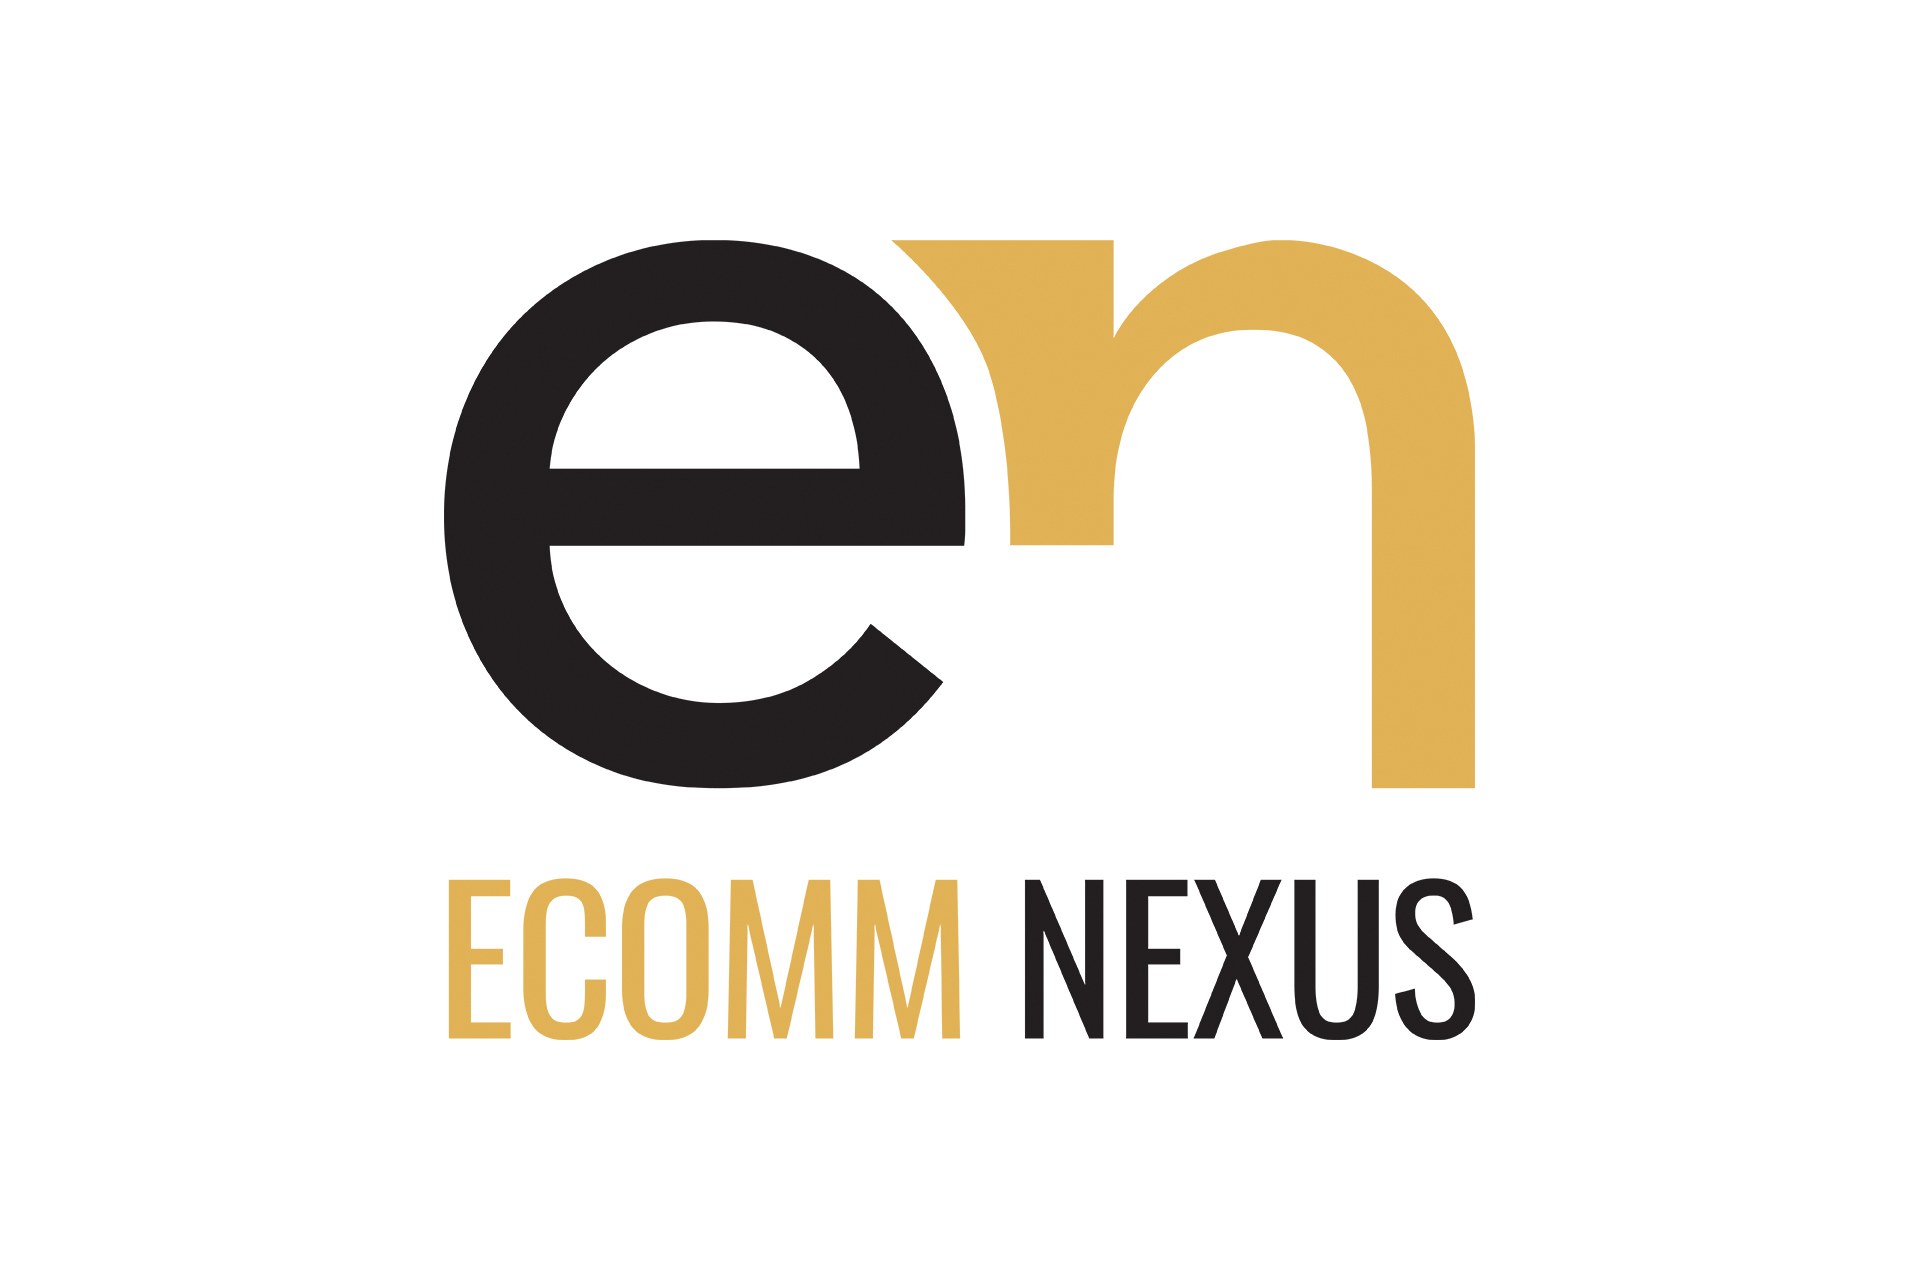 logo-ecomm-nexus